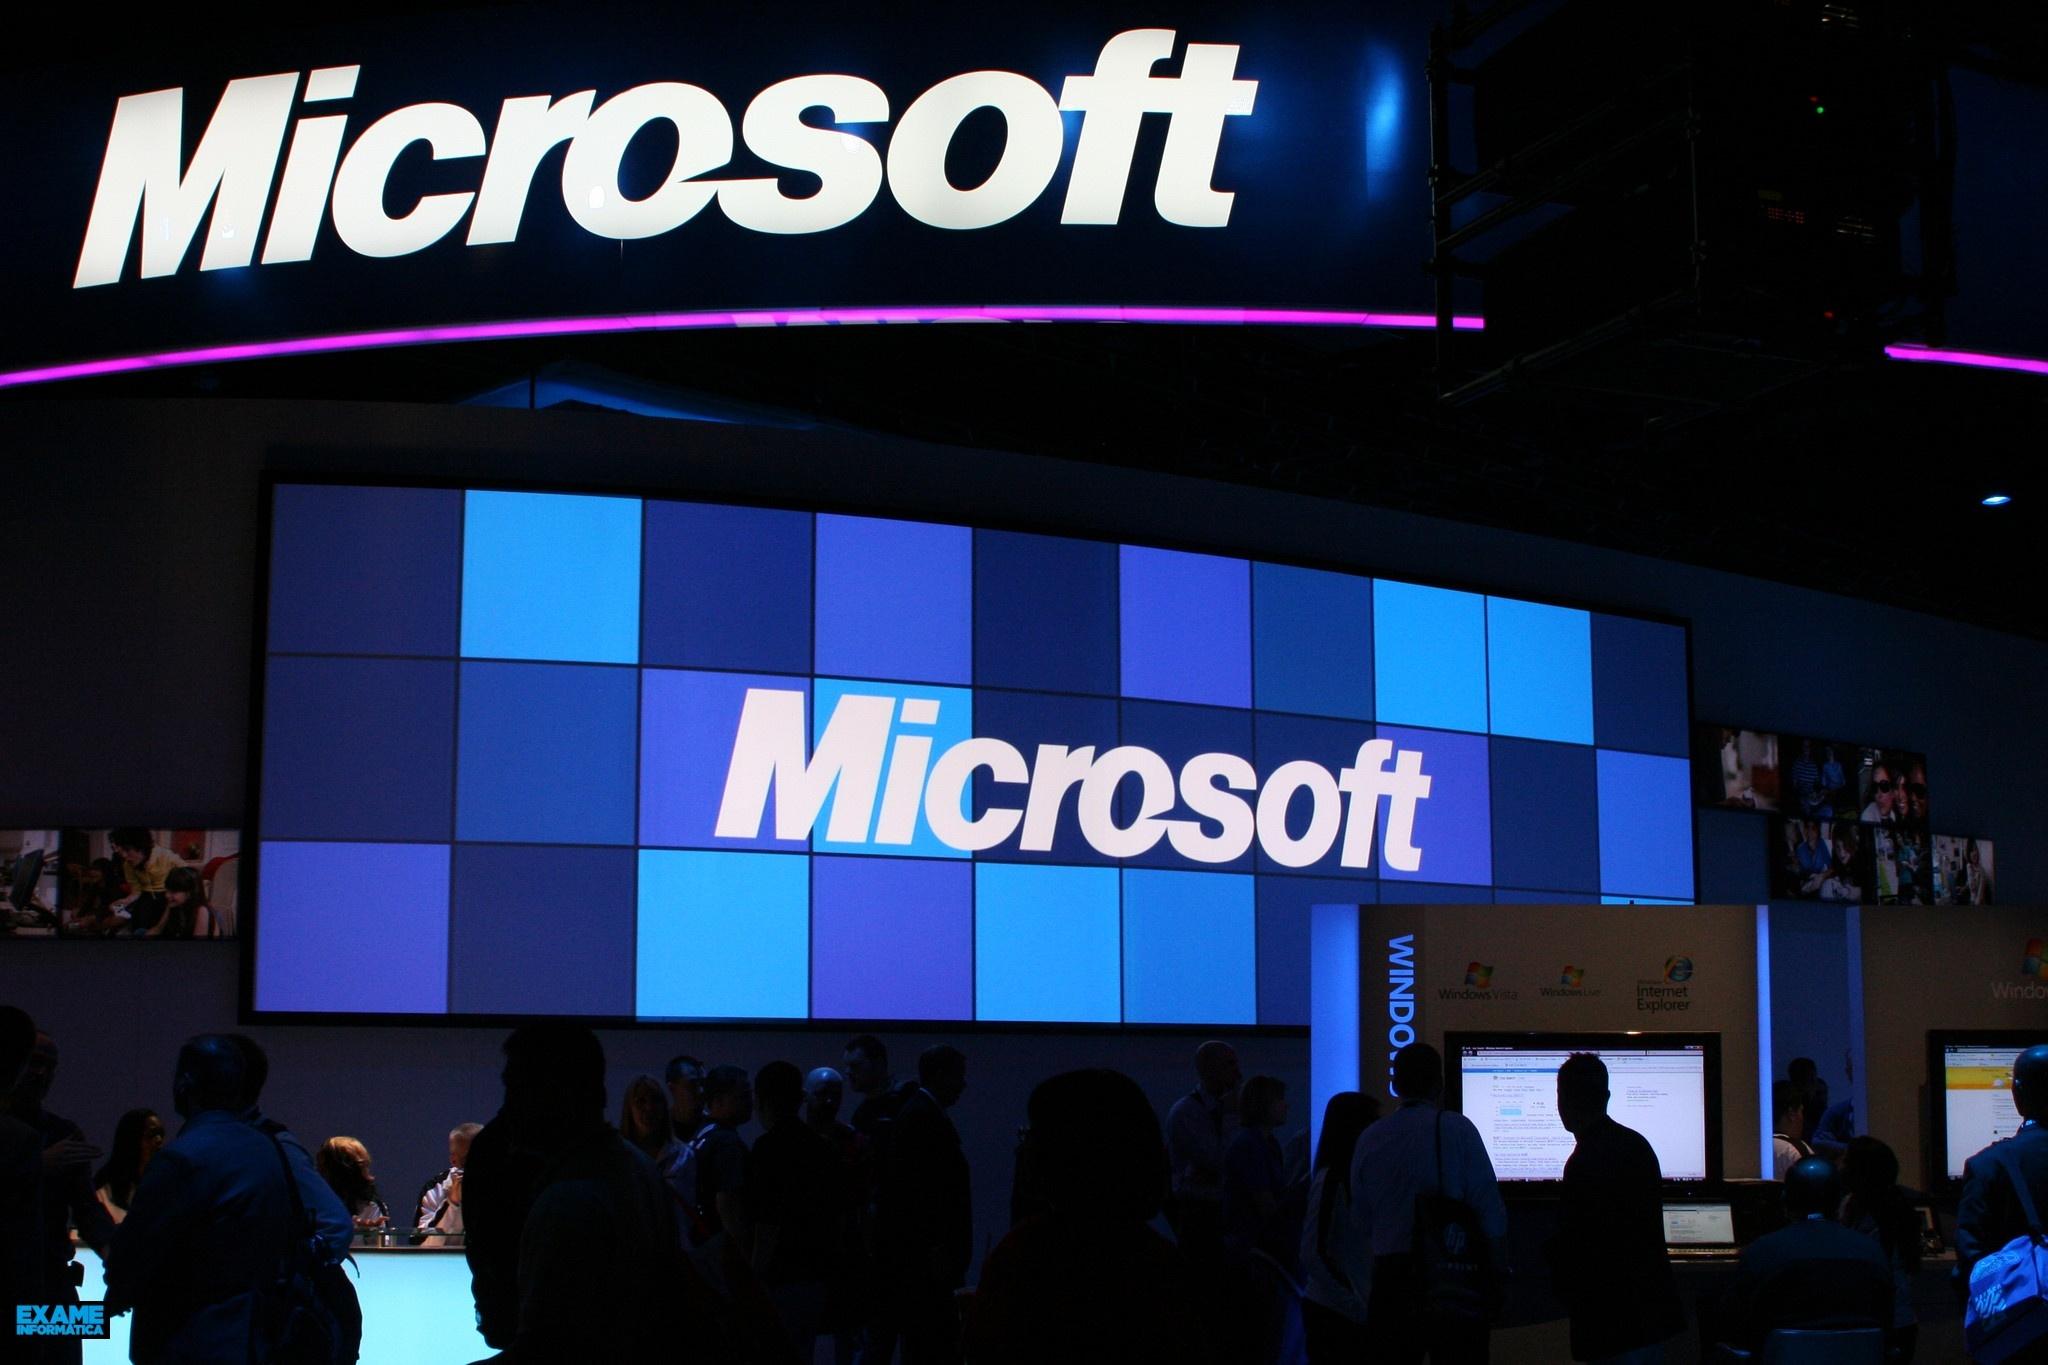 Microsoft doa 100 milhões de dólares para apoiar grandes avanços na produção de energia